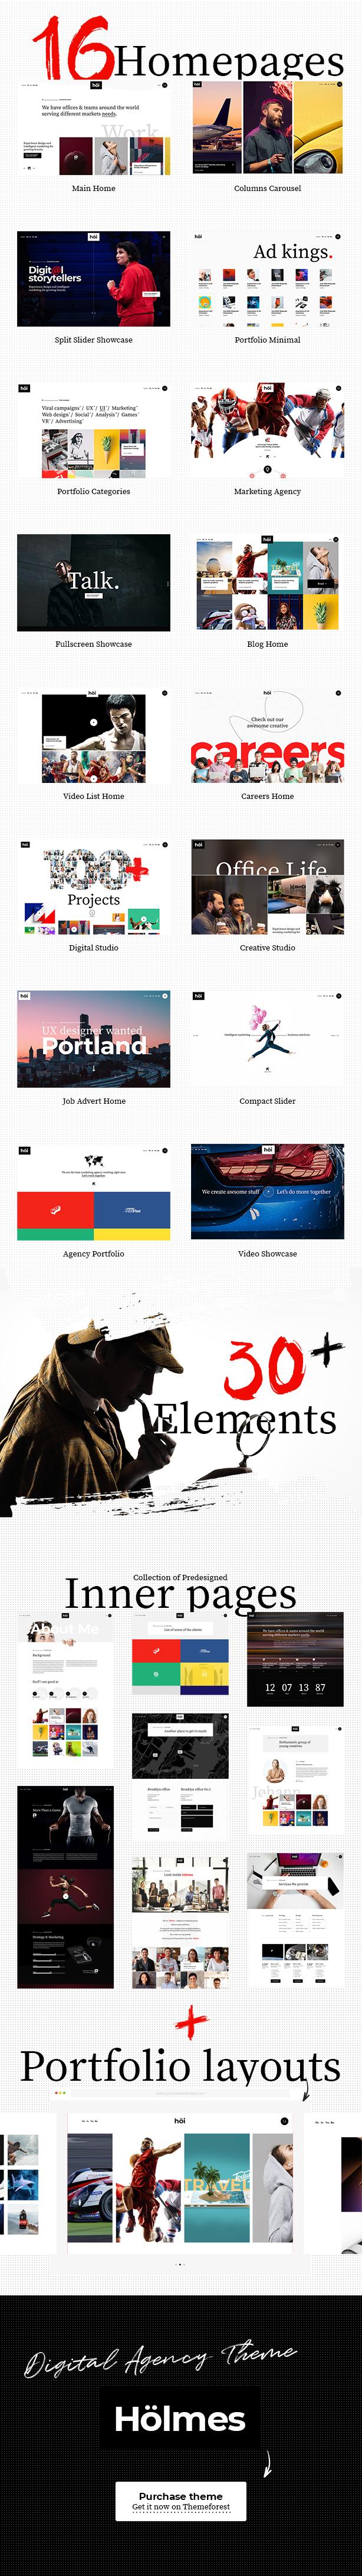 Holmes - Digital Agency Theme - 1